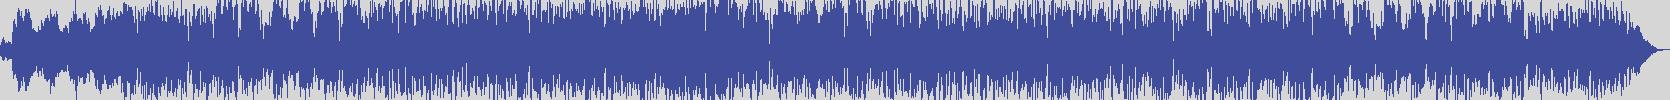 smilax_dig_records [SDR001] Espejos Reflejados, Los Intocables, Estrel - Tu Amiguita, Tu & Yo [Original Mix] audio wave form